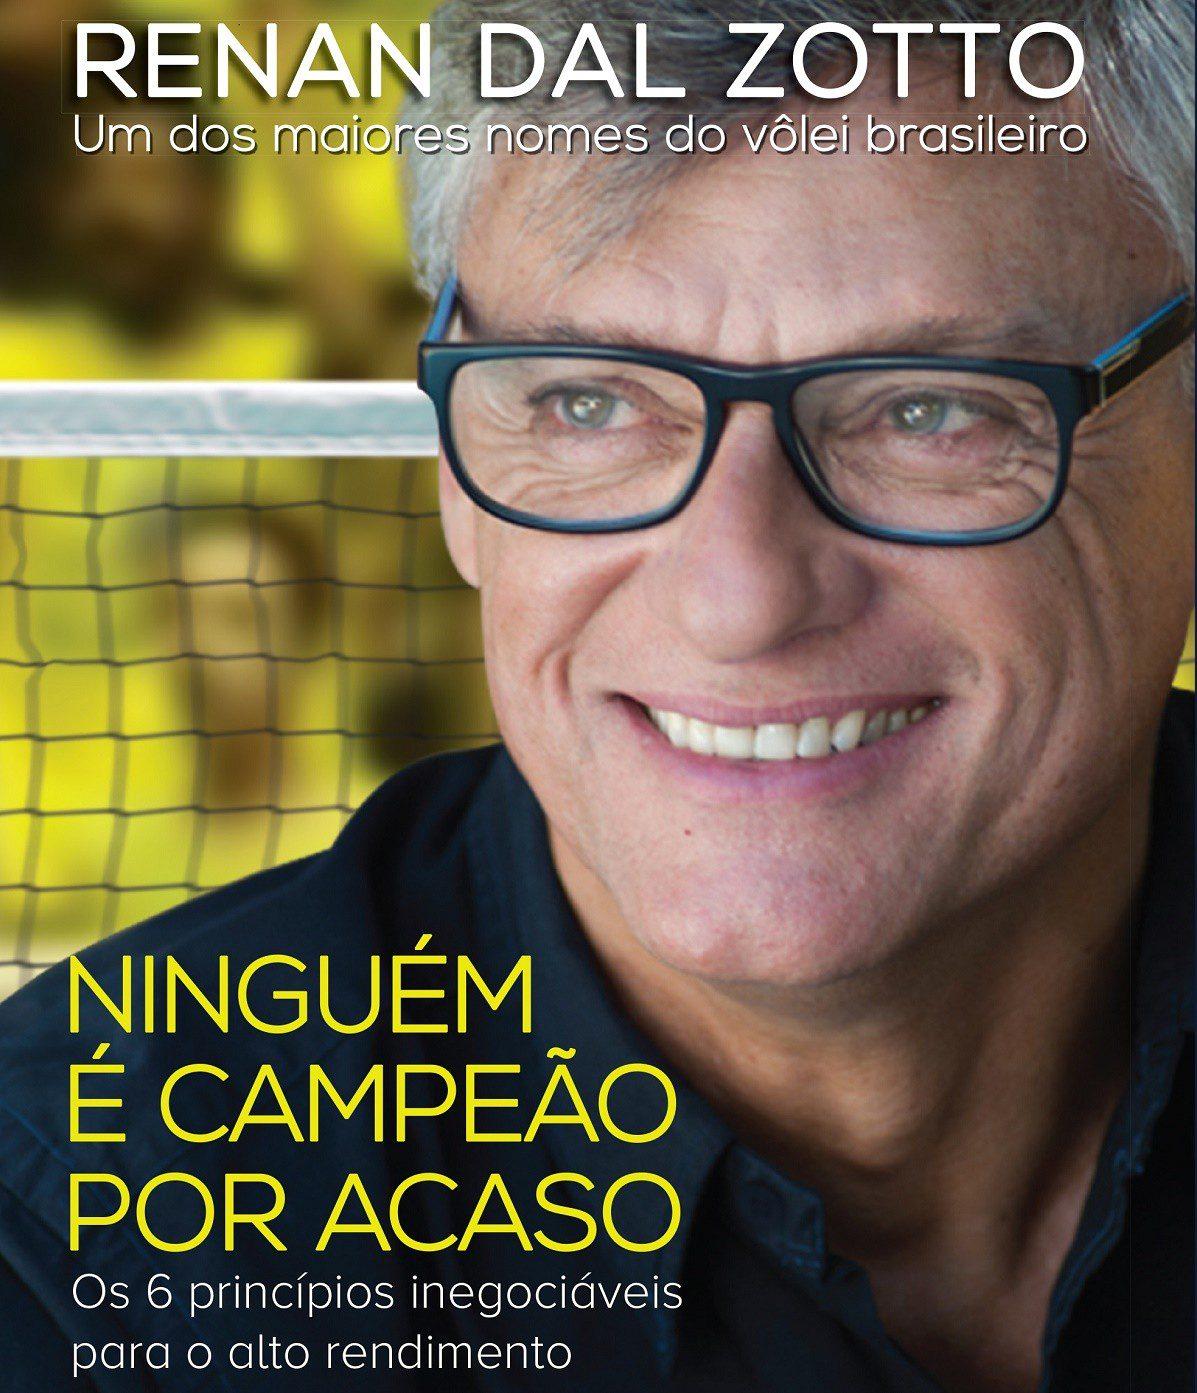 Renan Dal Zotto aborda em livro os princípios essenciais para a alta performance